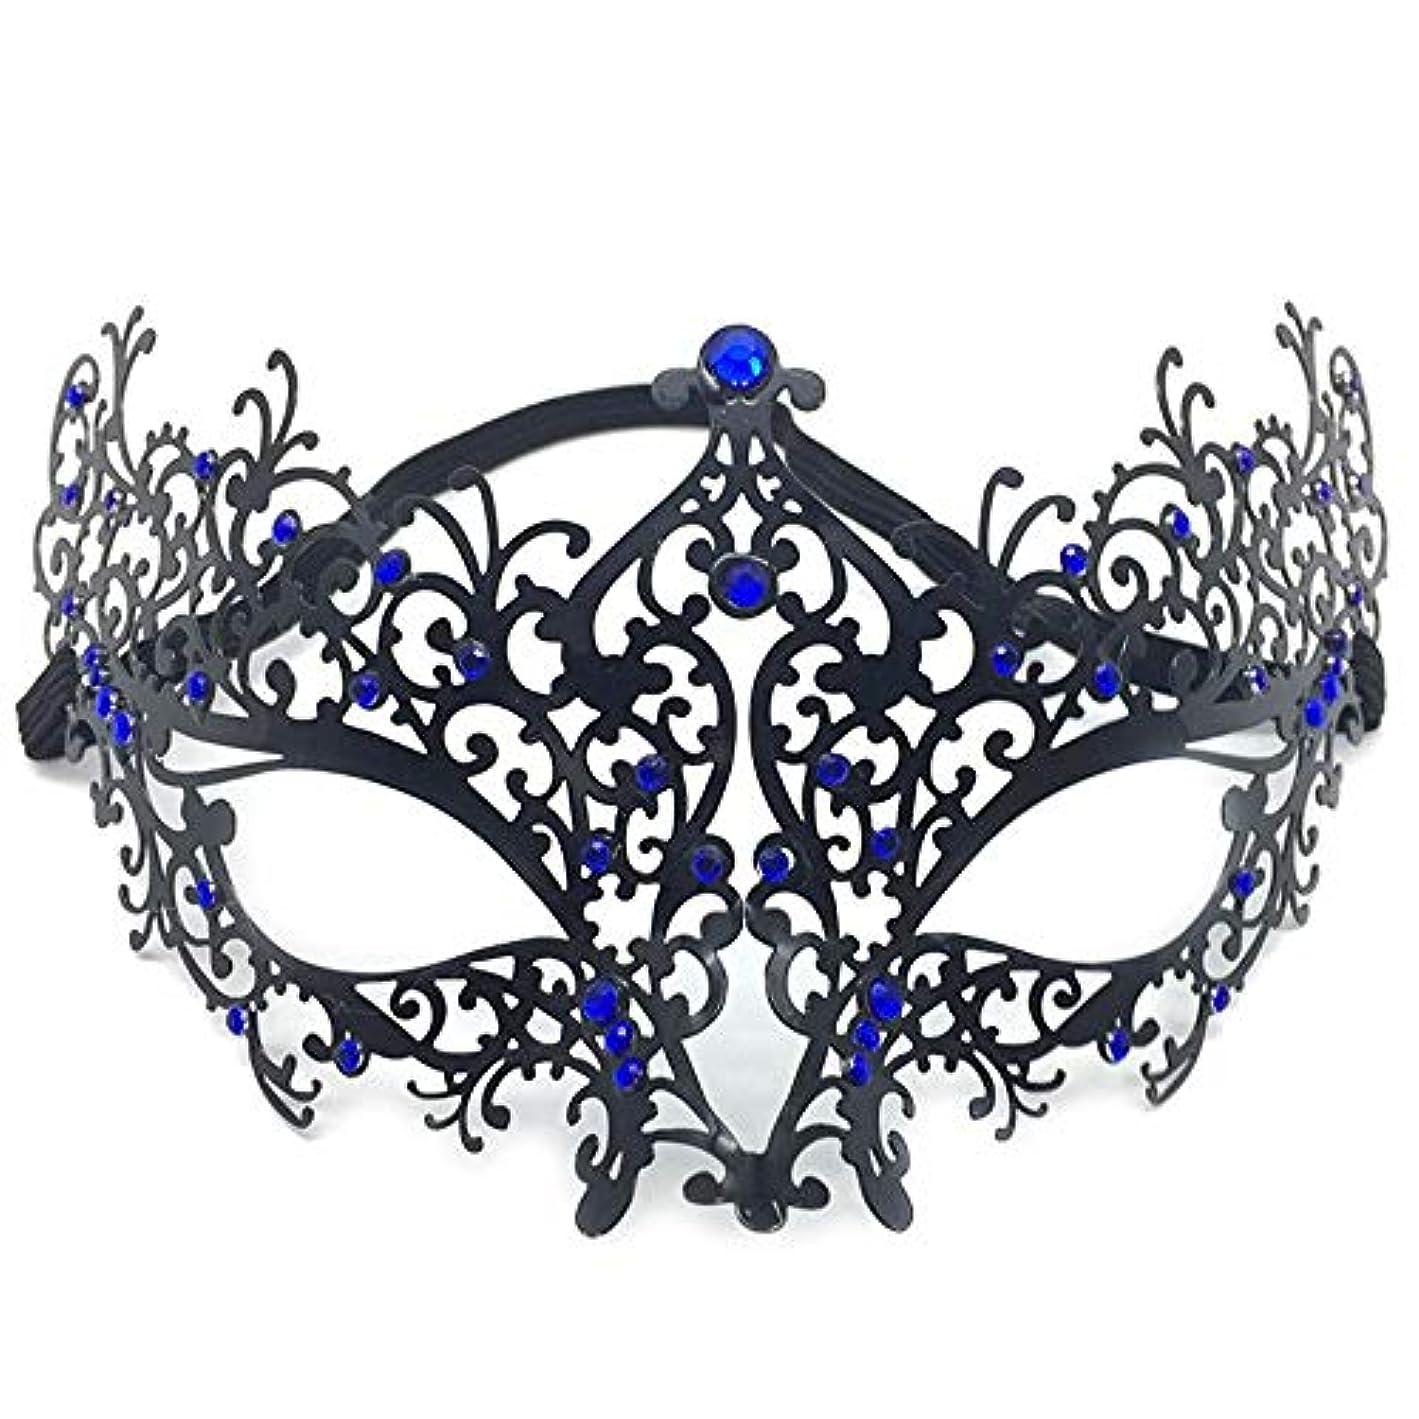 ジョグお祝い有彩色の仮面舞踏会アイアンマスクパーティーCOSはメタリックダイヤモンドハーフフェイスハロウィンアイアンマスクをドレスアップ (Color : C)